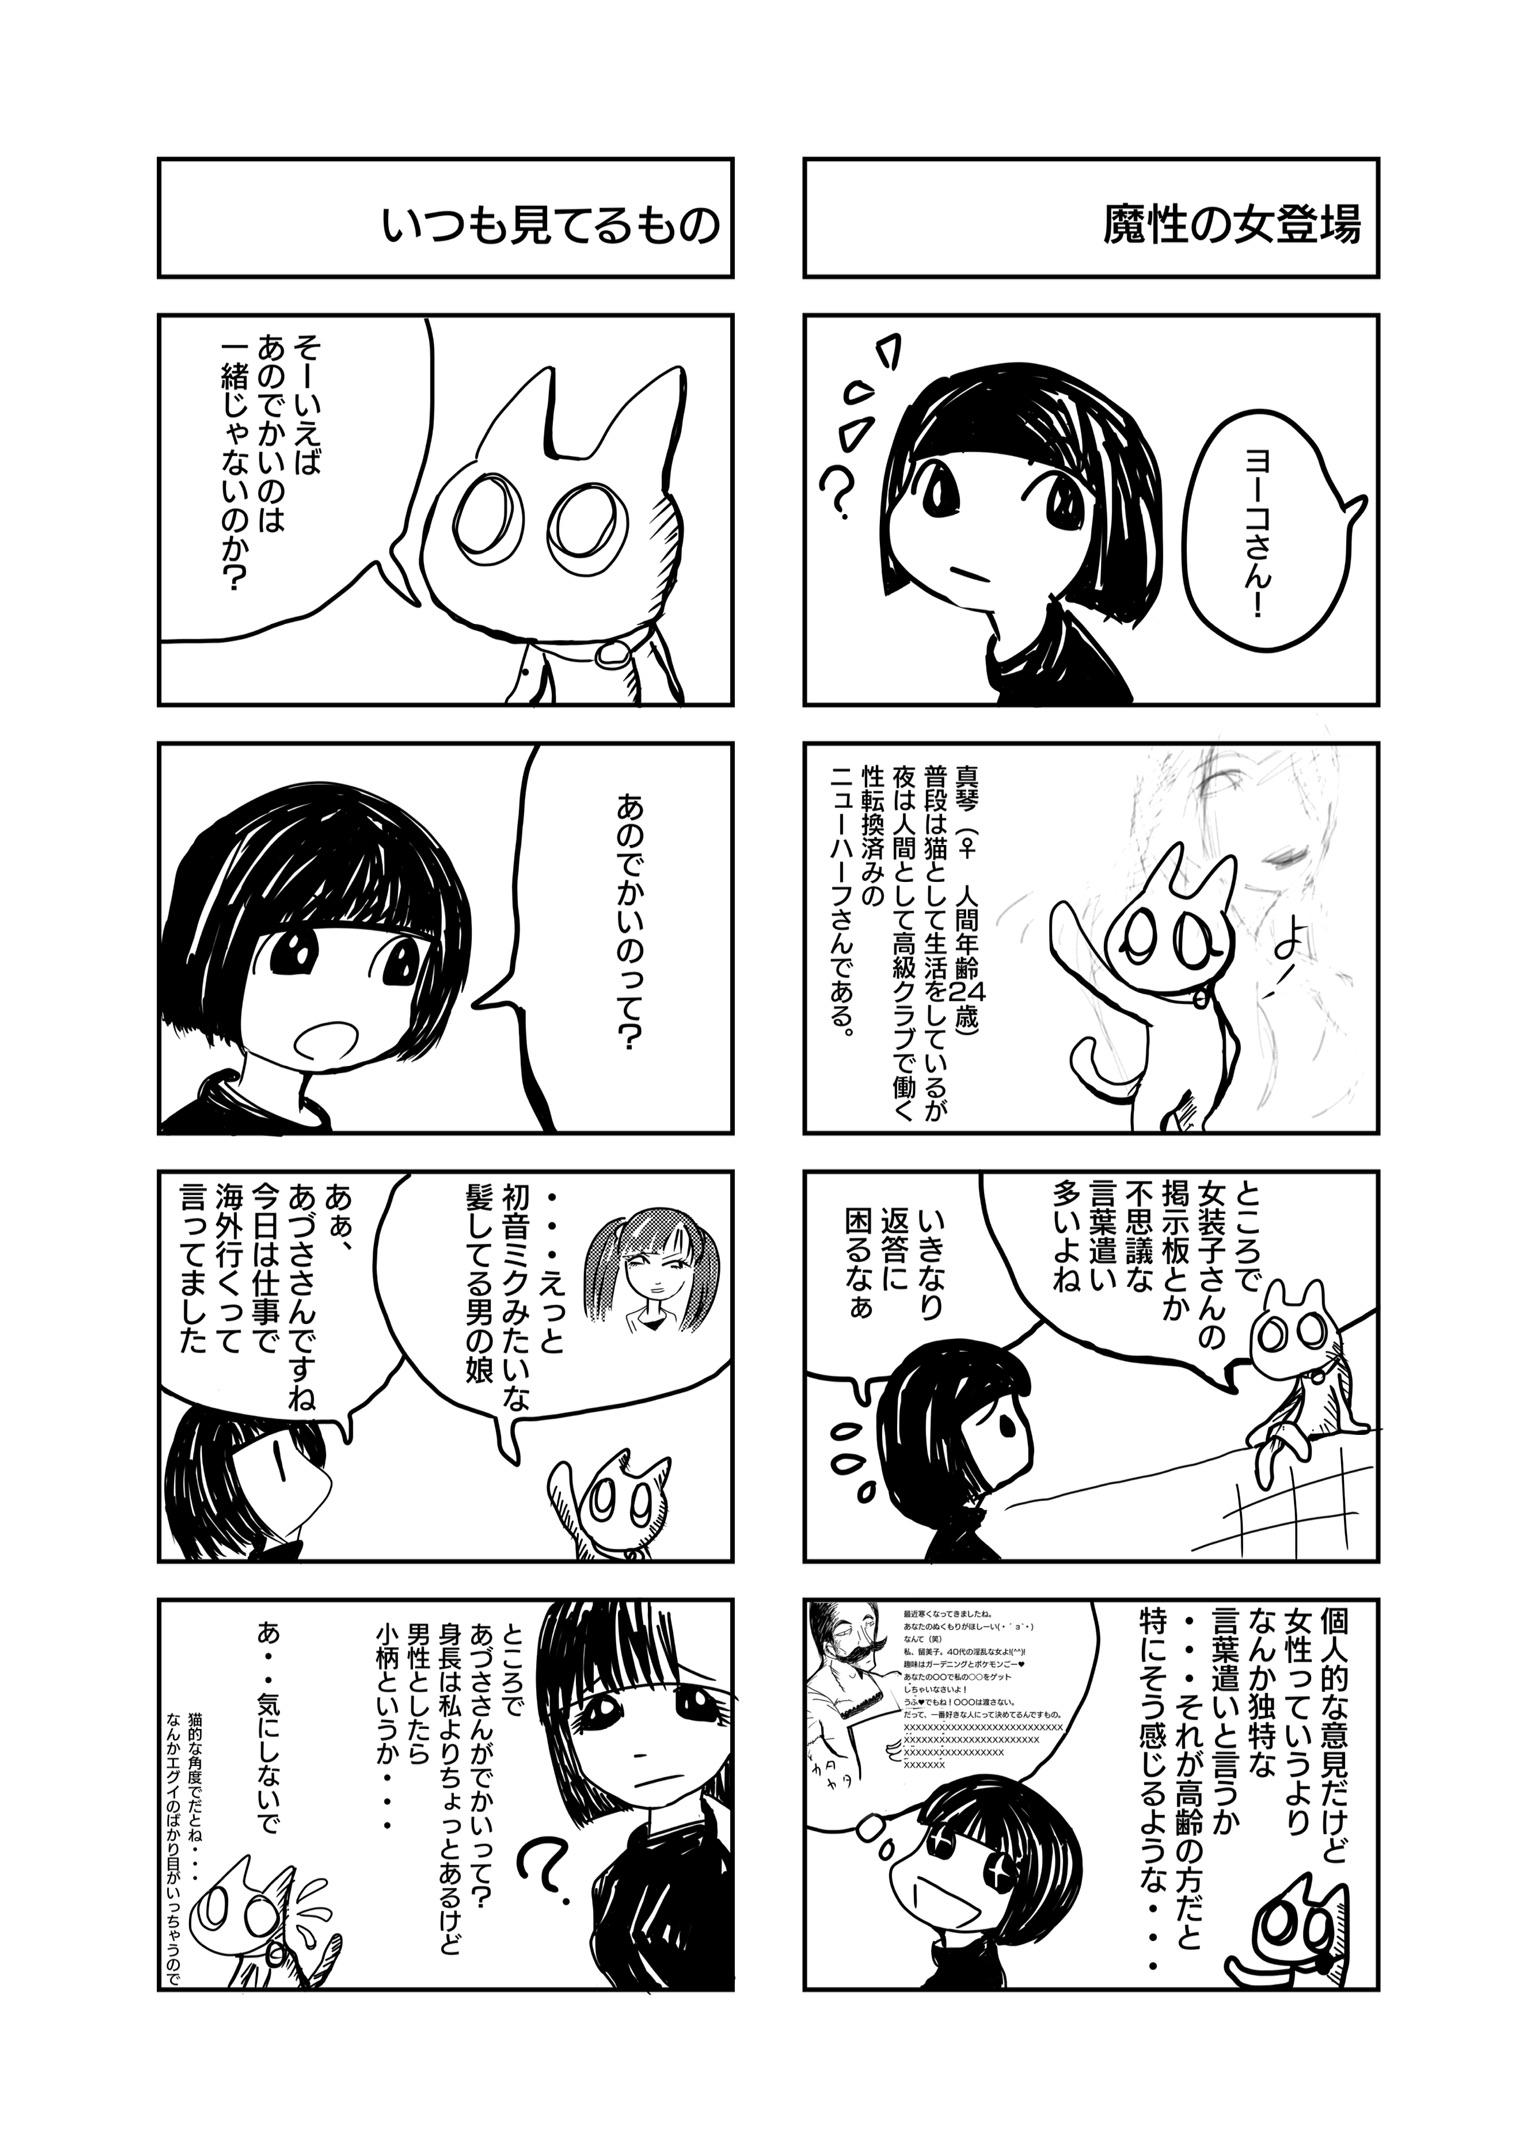 女装漫画第4話